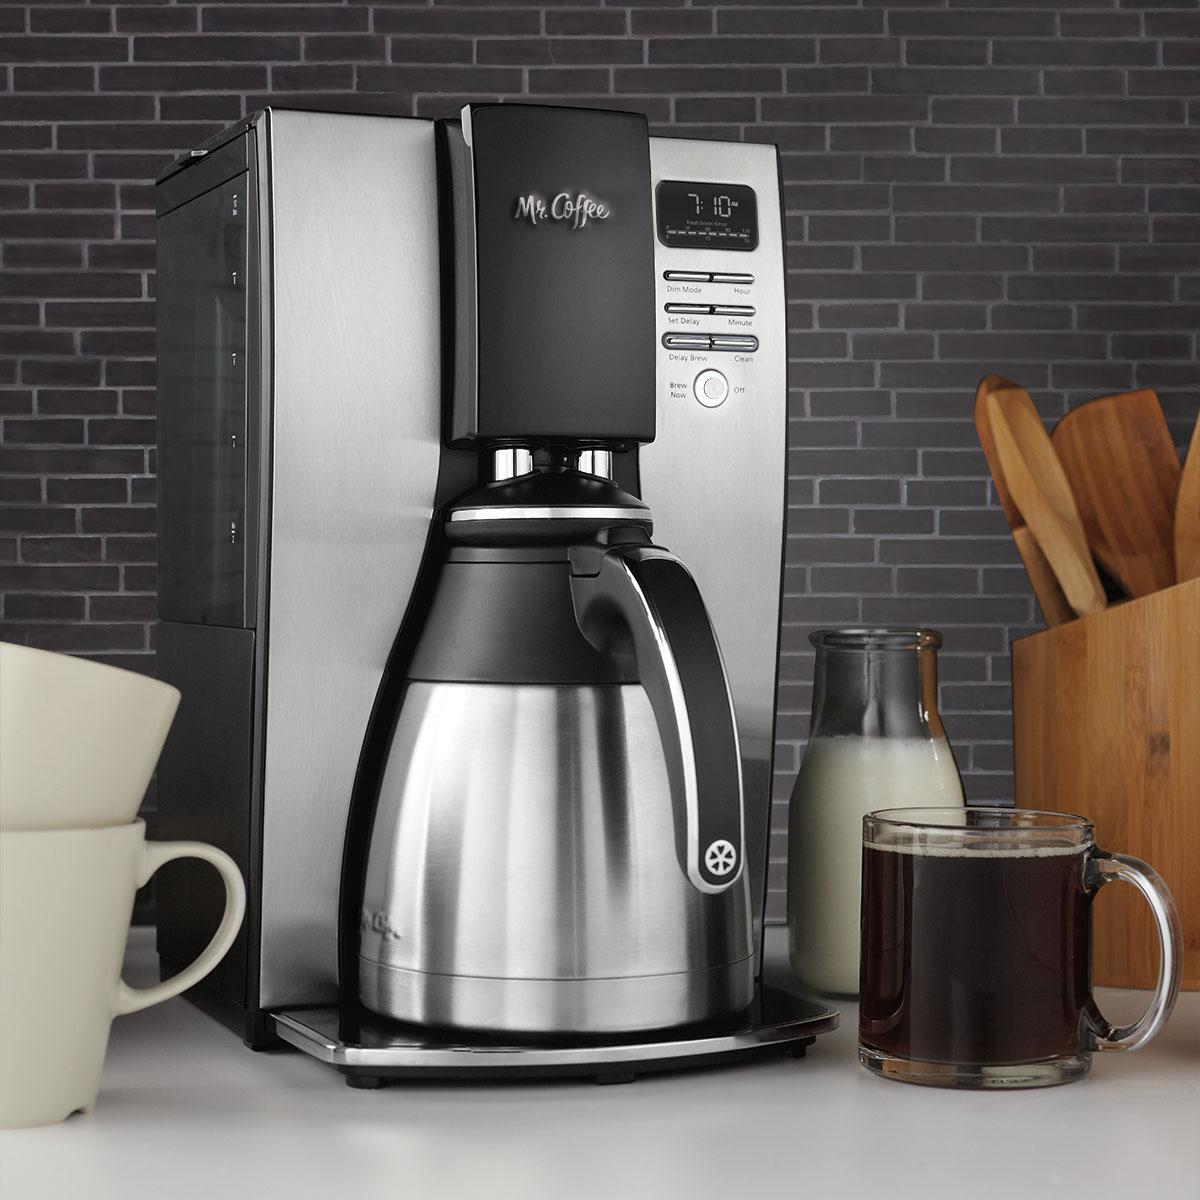 Mr Coffee Keurig Instructions Coffee Drinker